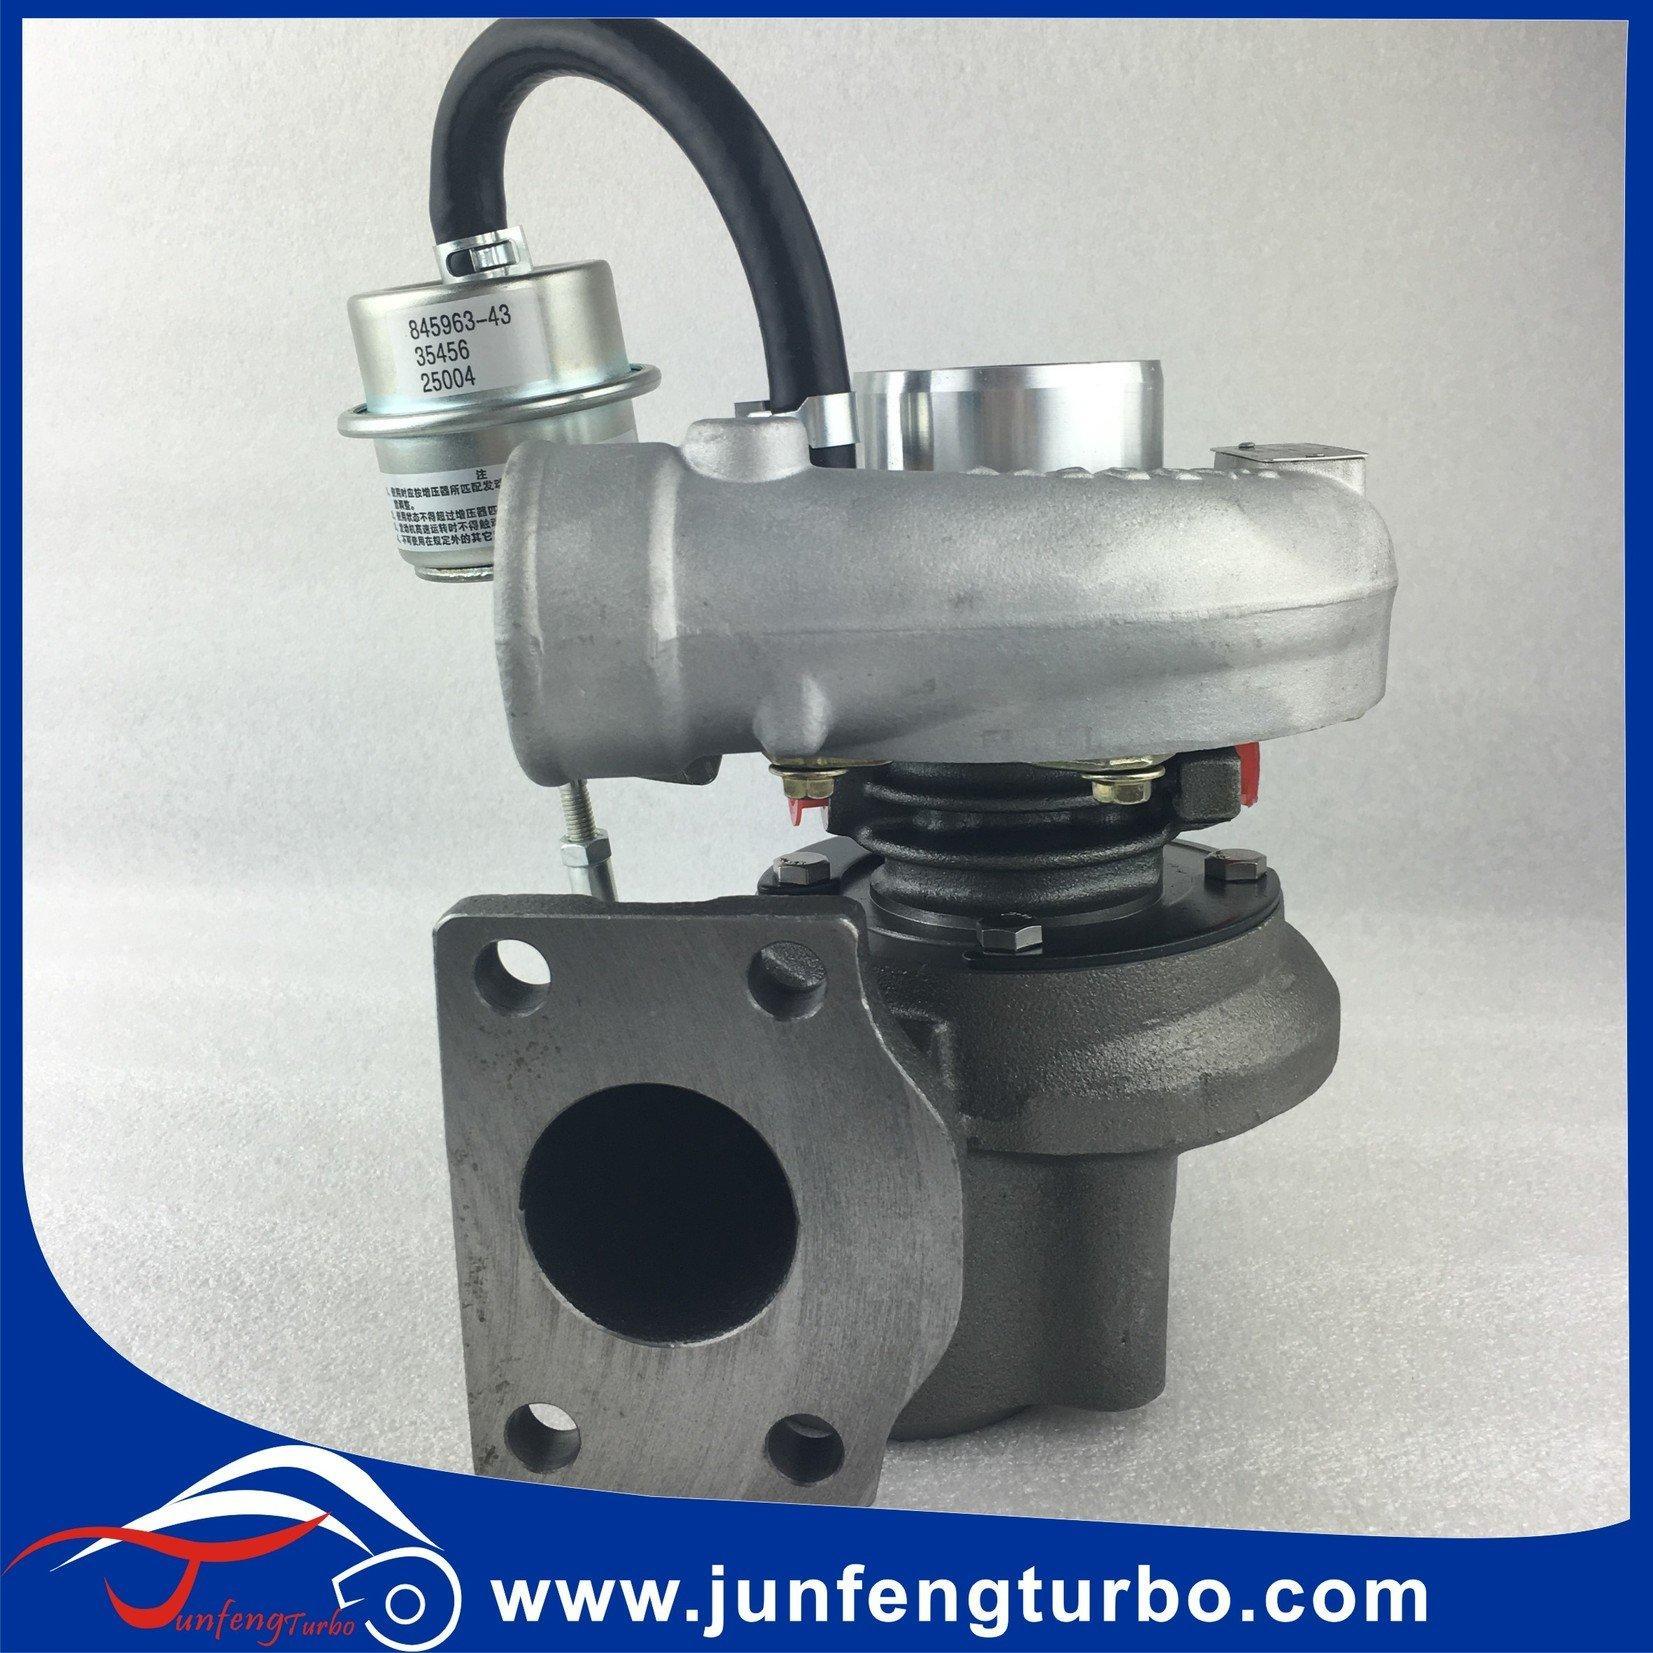 GT2052S turbo 2674A391 2674A326 JCB 1004-40T turbo 727266-0001